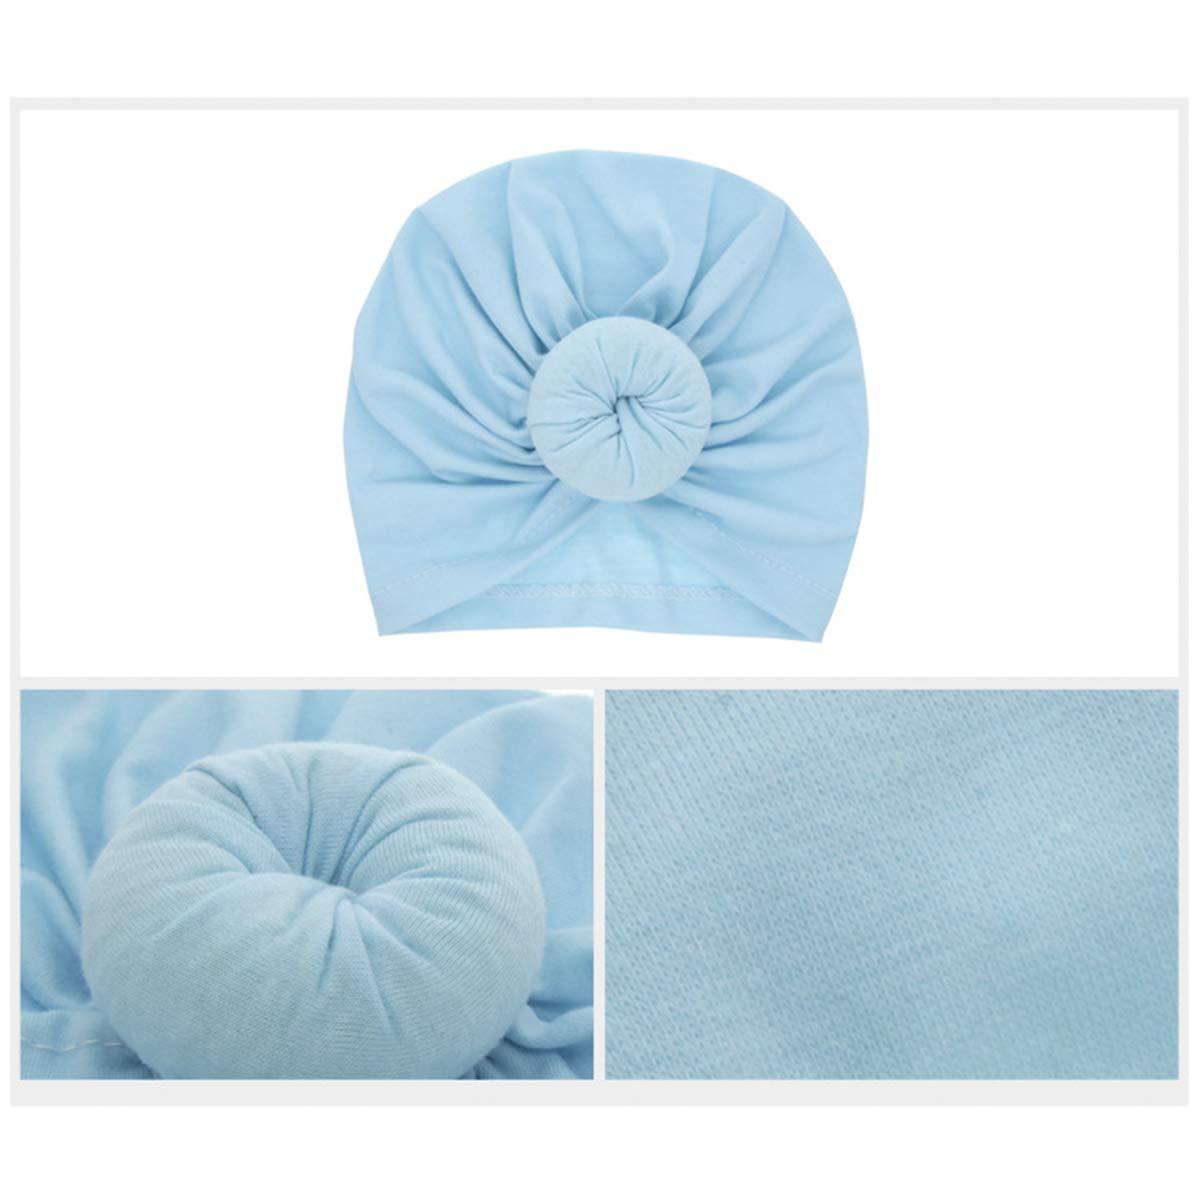 Rose red Miaoo Soft Cotton Baby Girls Hats Turbans Newborn Headwear Wrinkle Headwrap